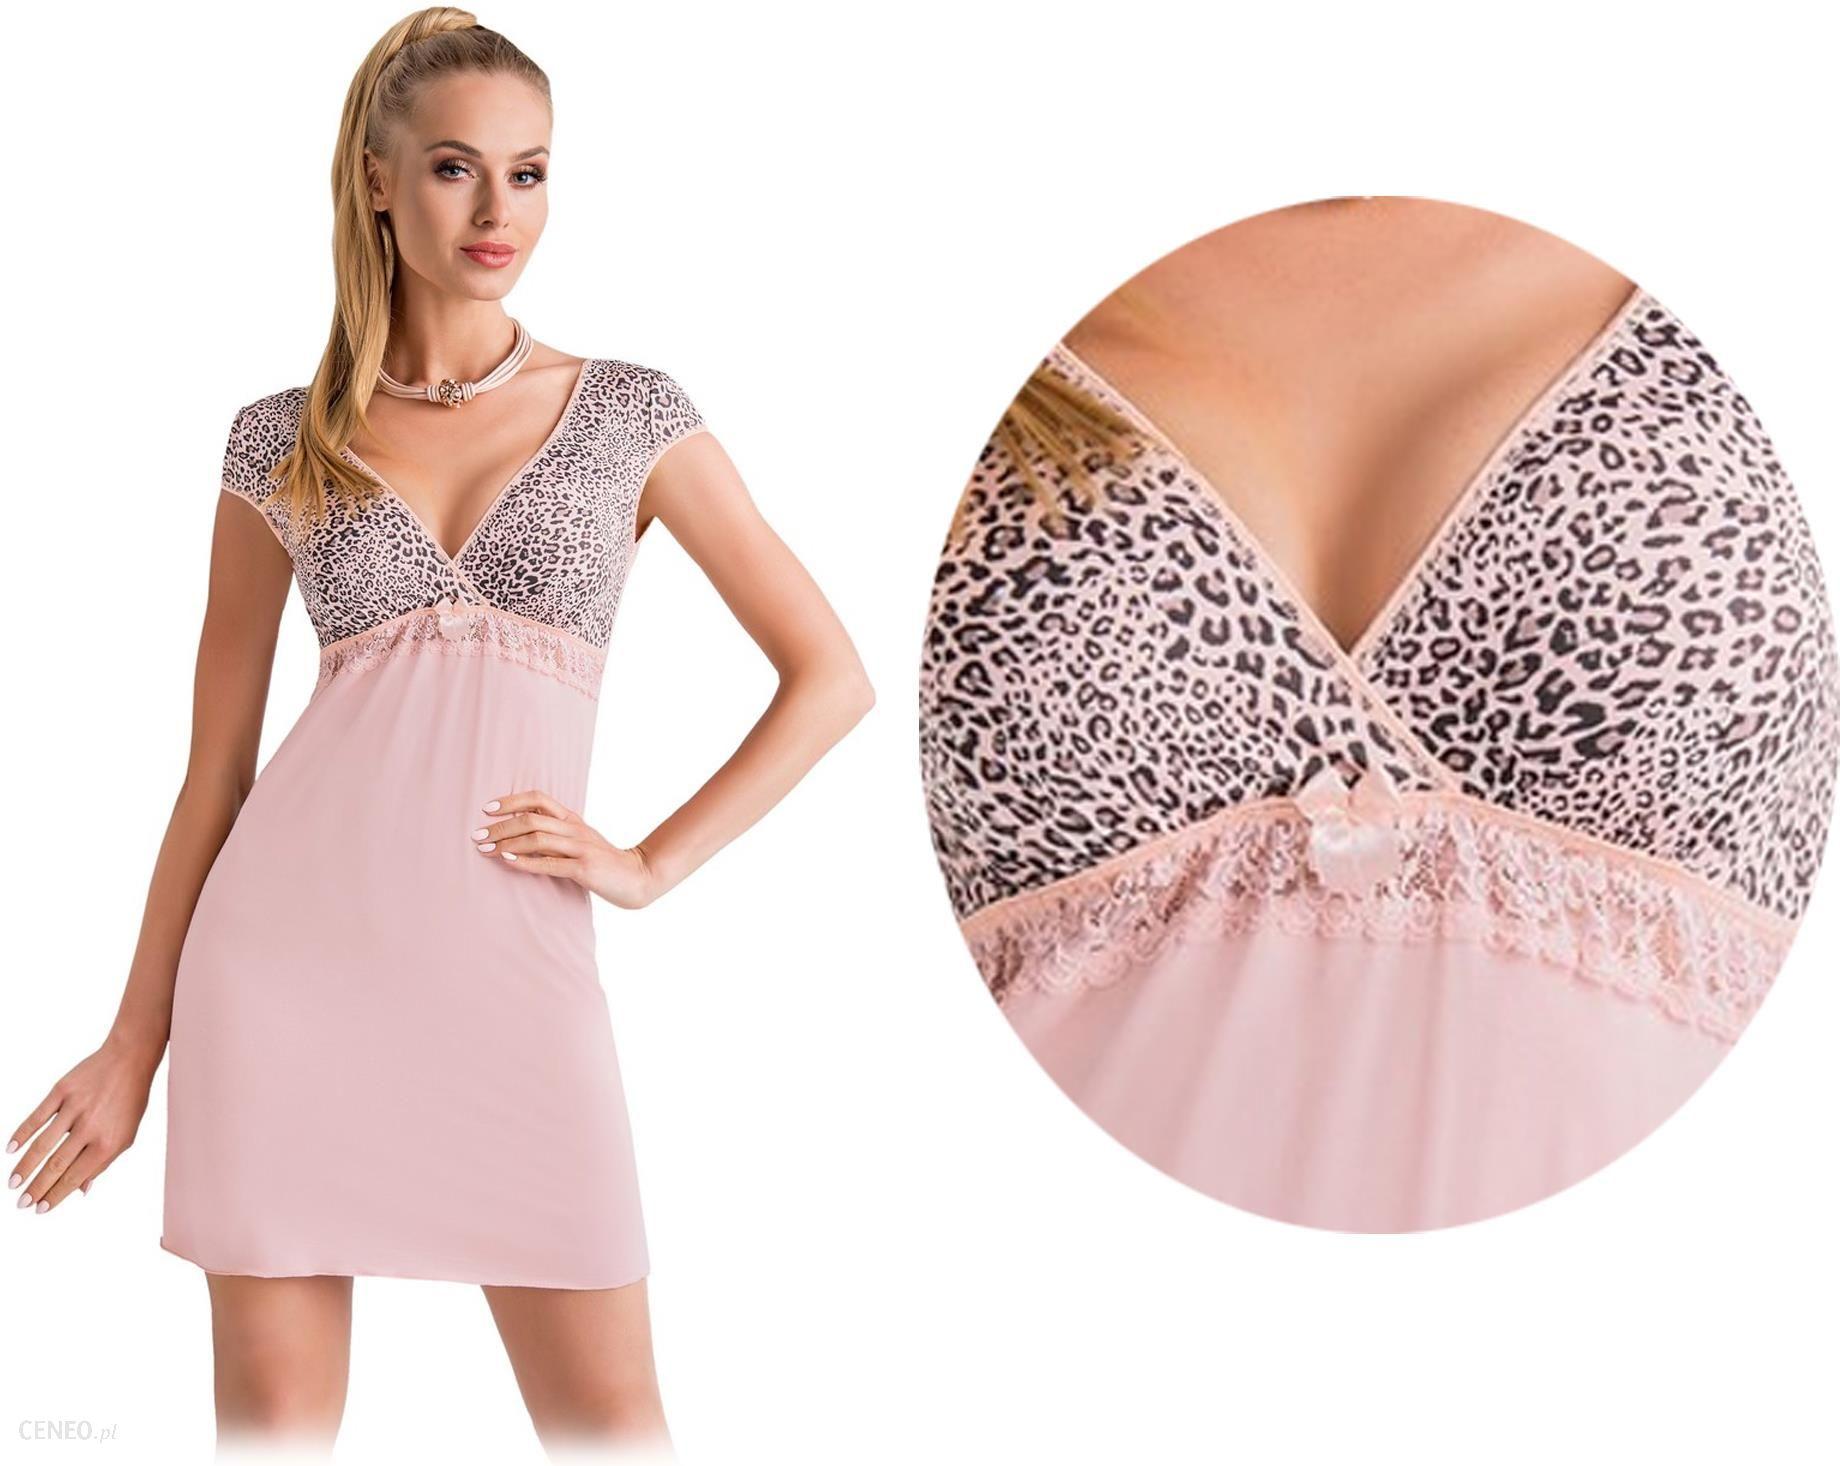 c16dbaa69b33af Koszula Donna Marika róż Wiskoza Panterka # XXL - Ceny i opinie ...